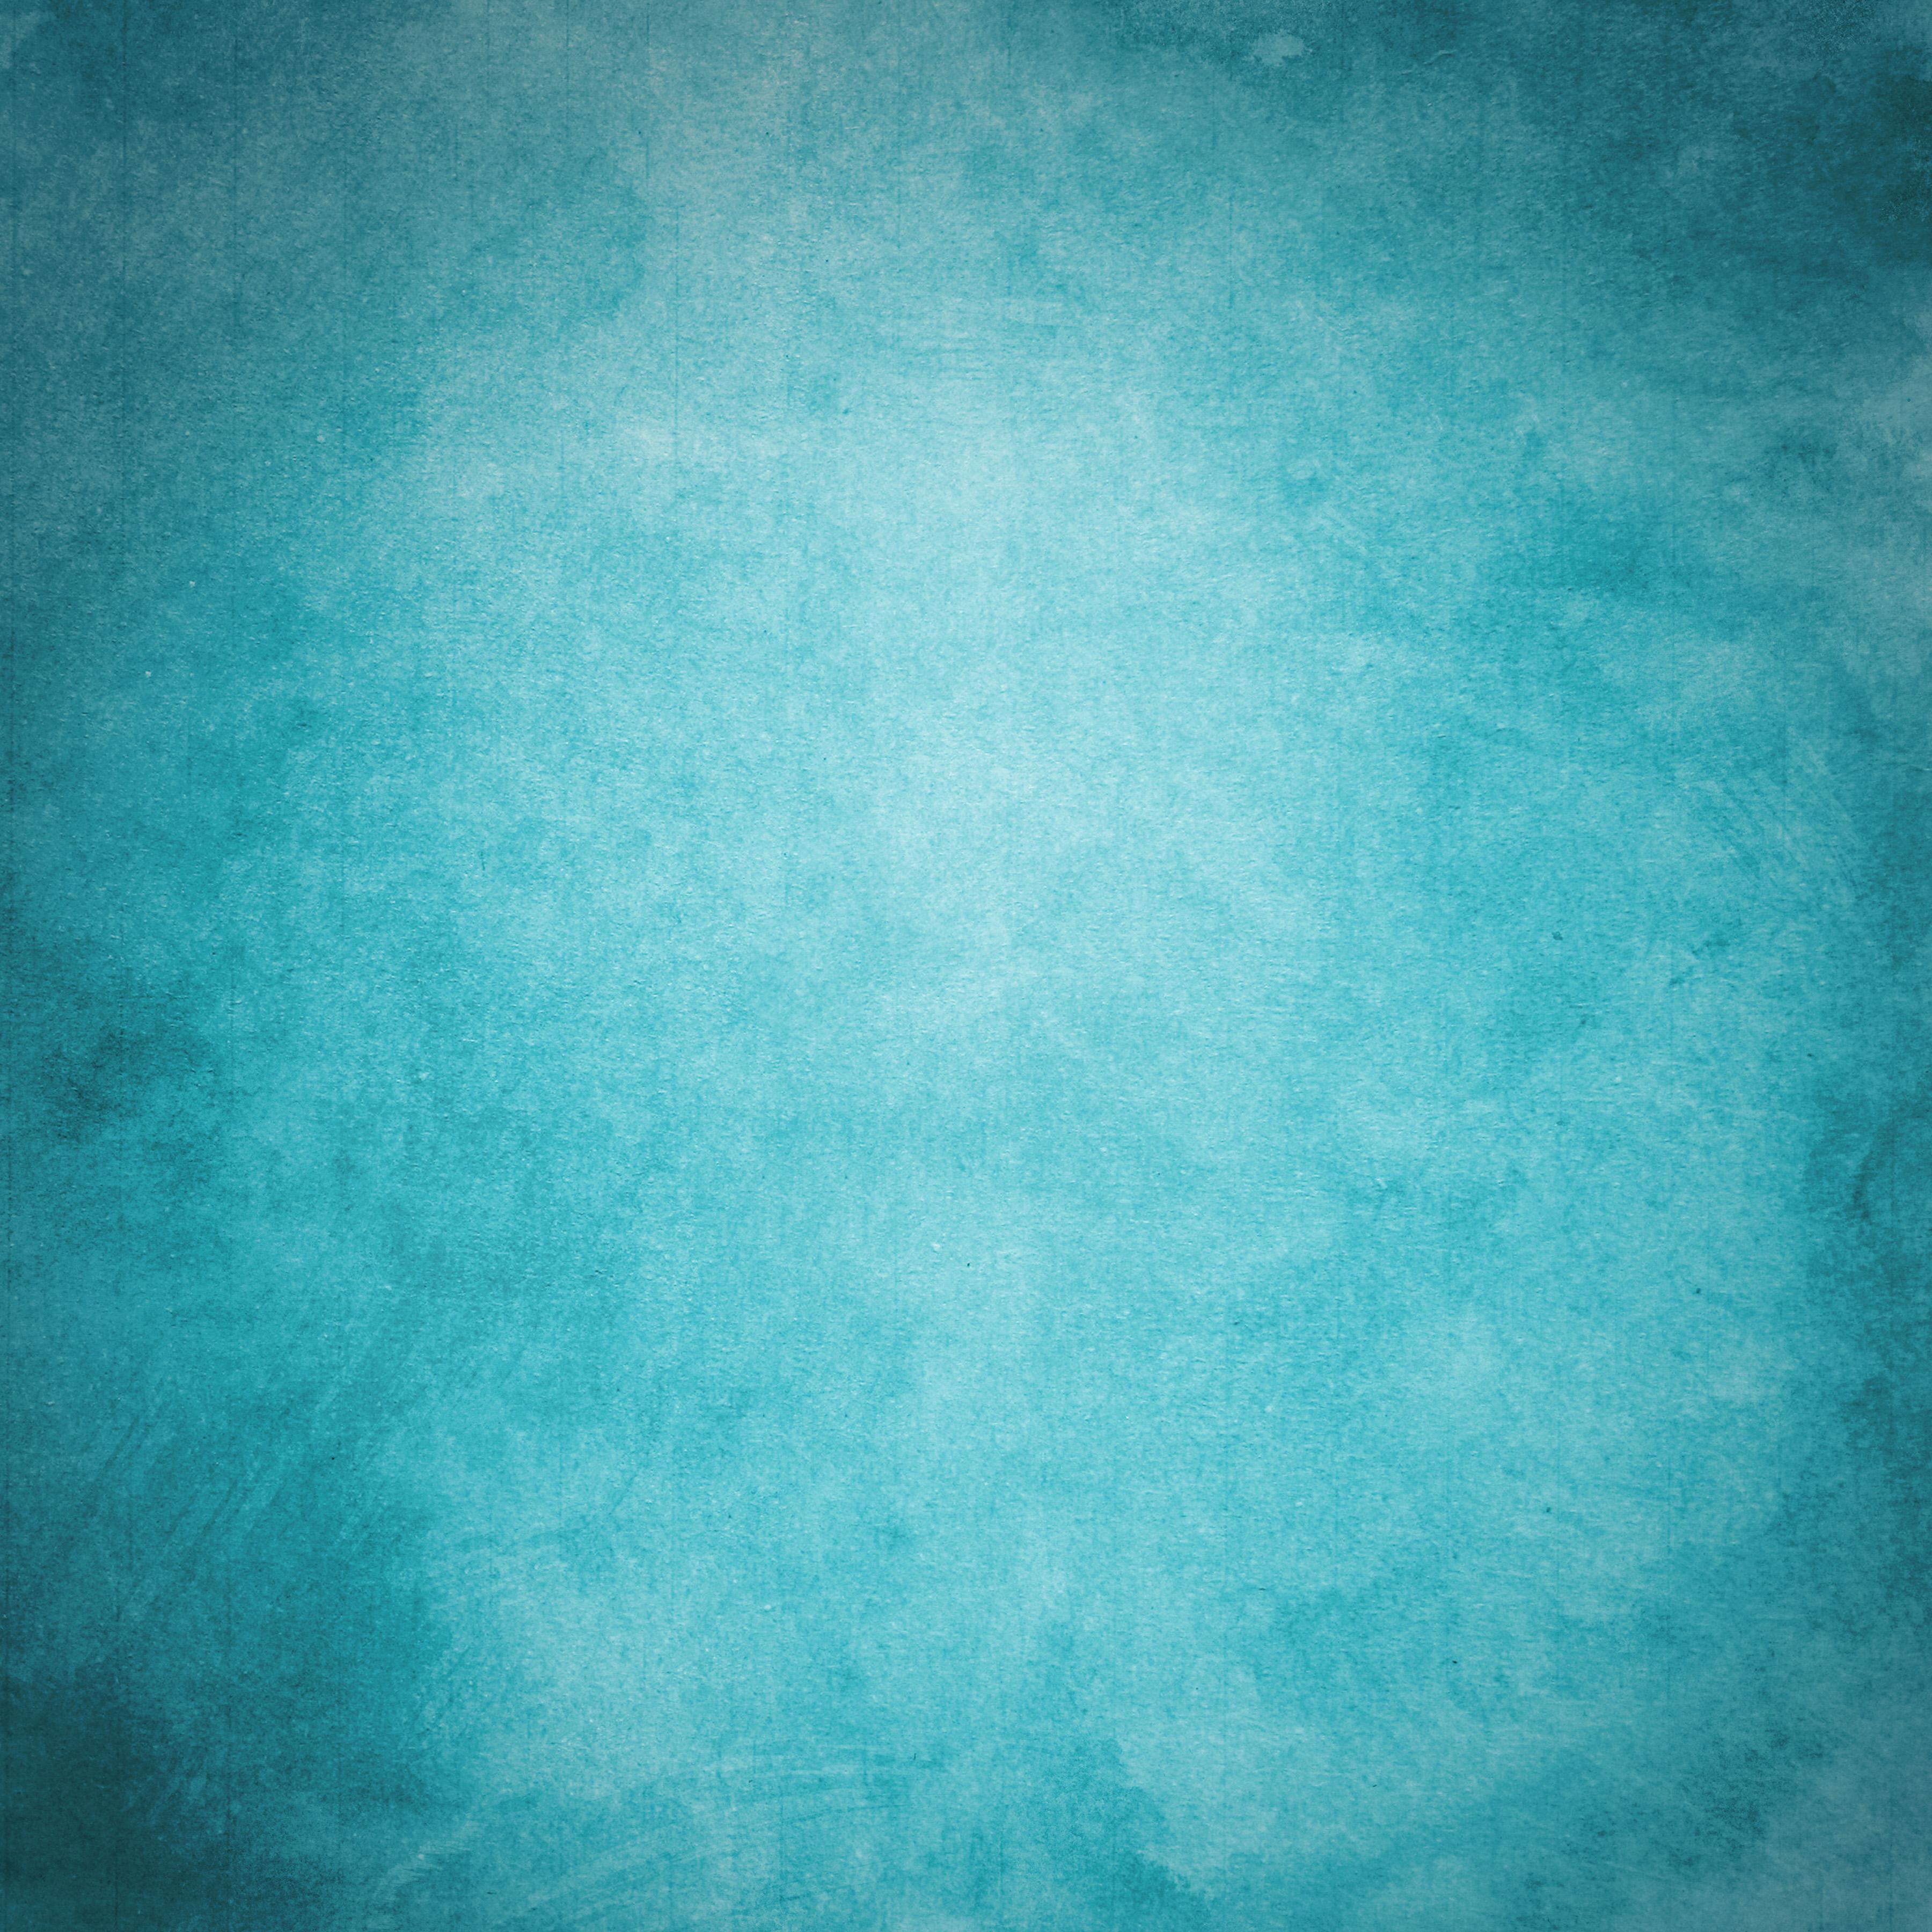 Бесплатные текстуры цветной старинной бумаги